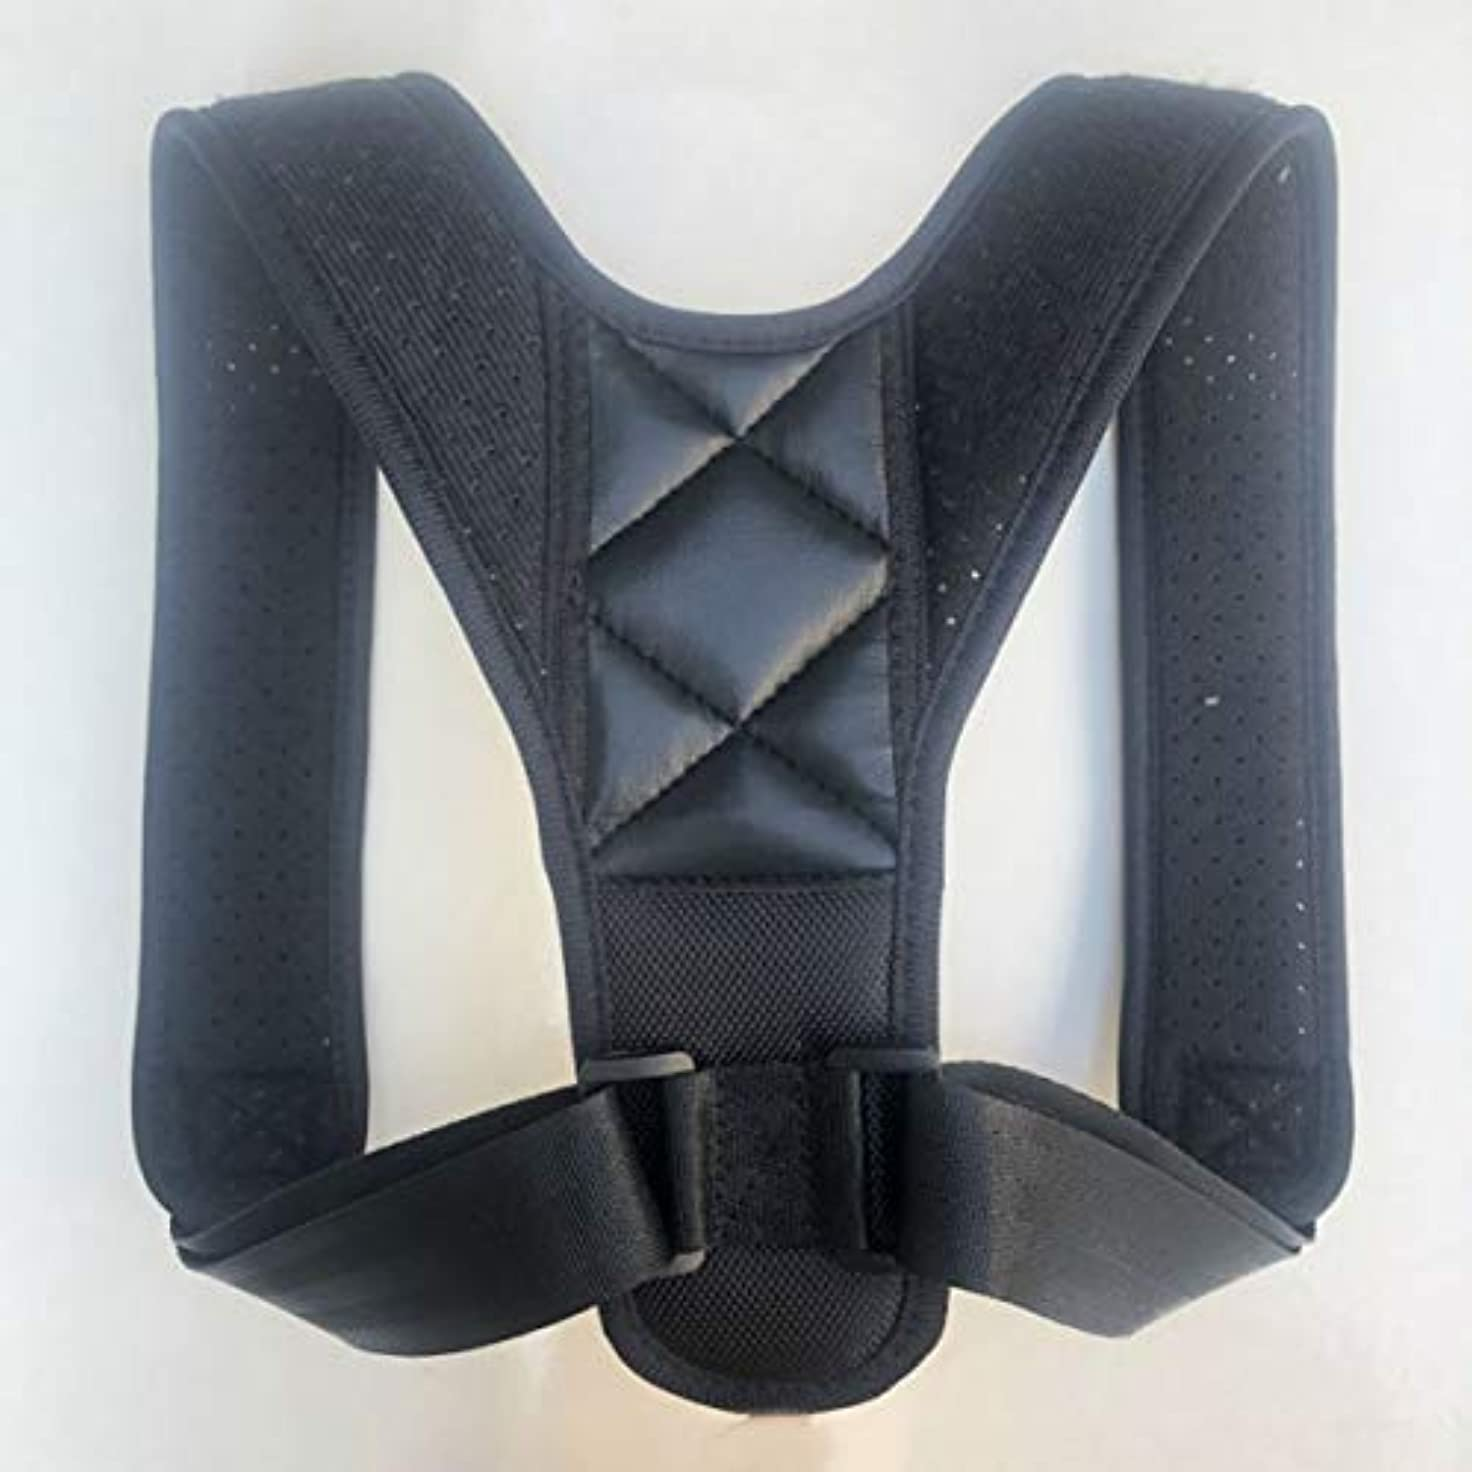 賞賛廃止する下向きアッパーバックポスチャーコレクター姿勢鎖骨サポートコレクターバックストレートショルダーブレースストラップコレクター - ブラック